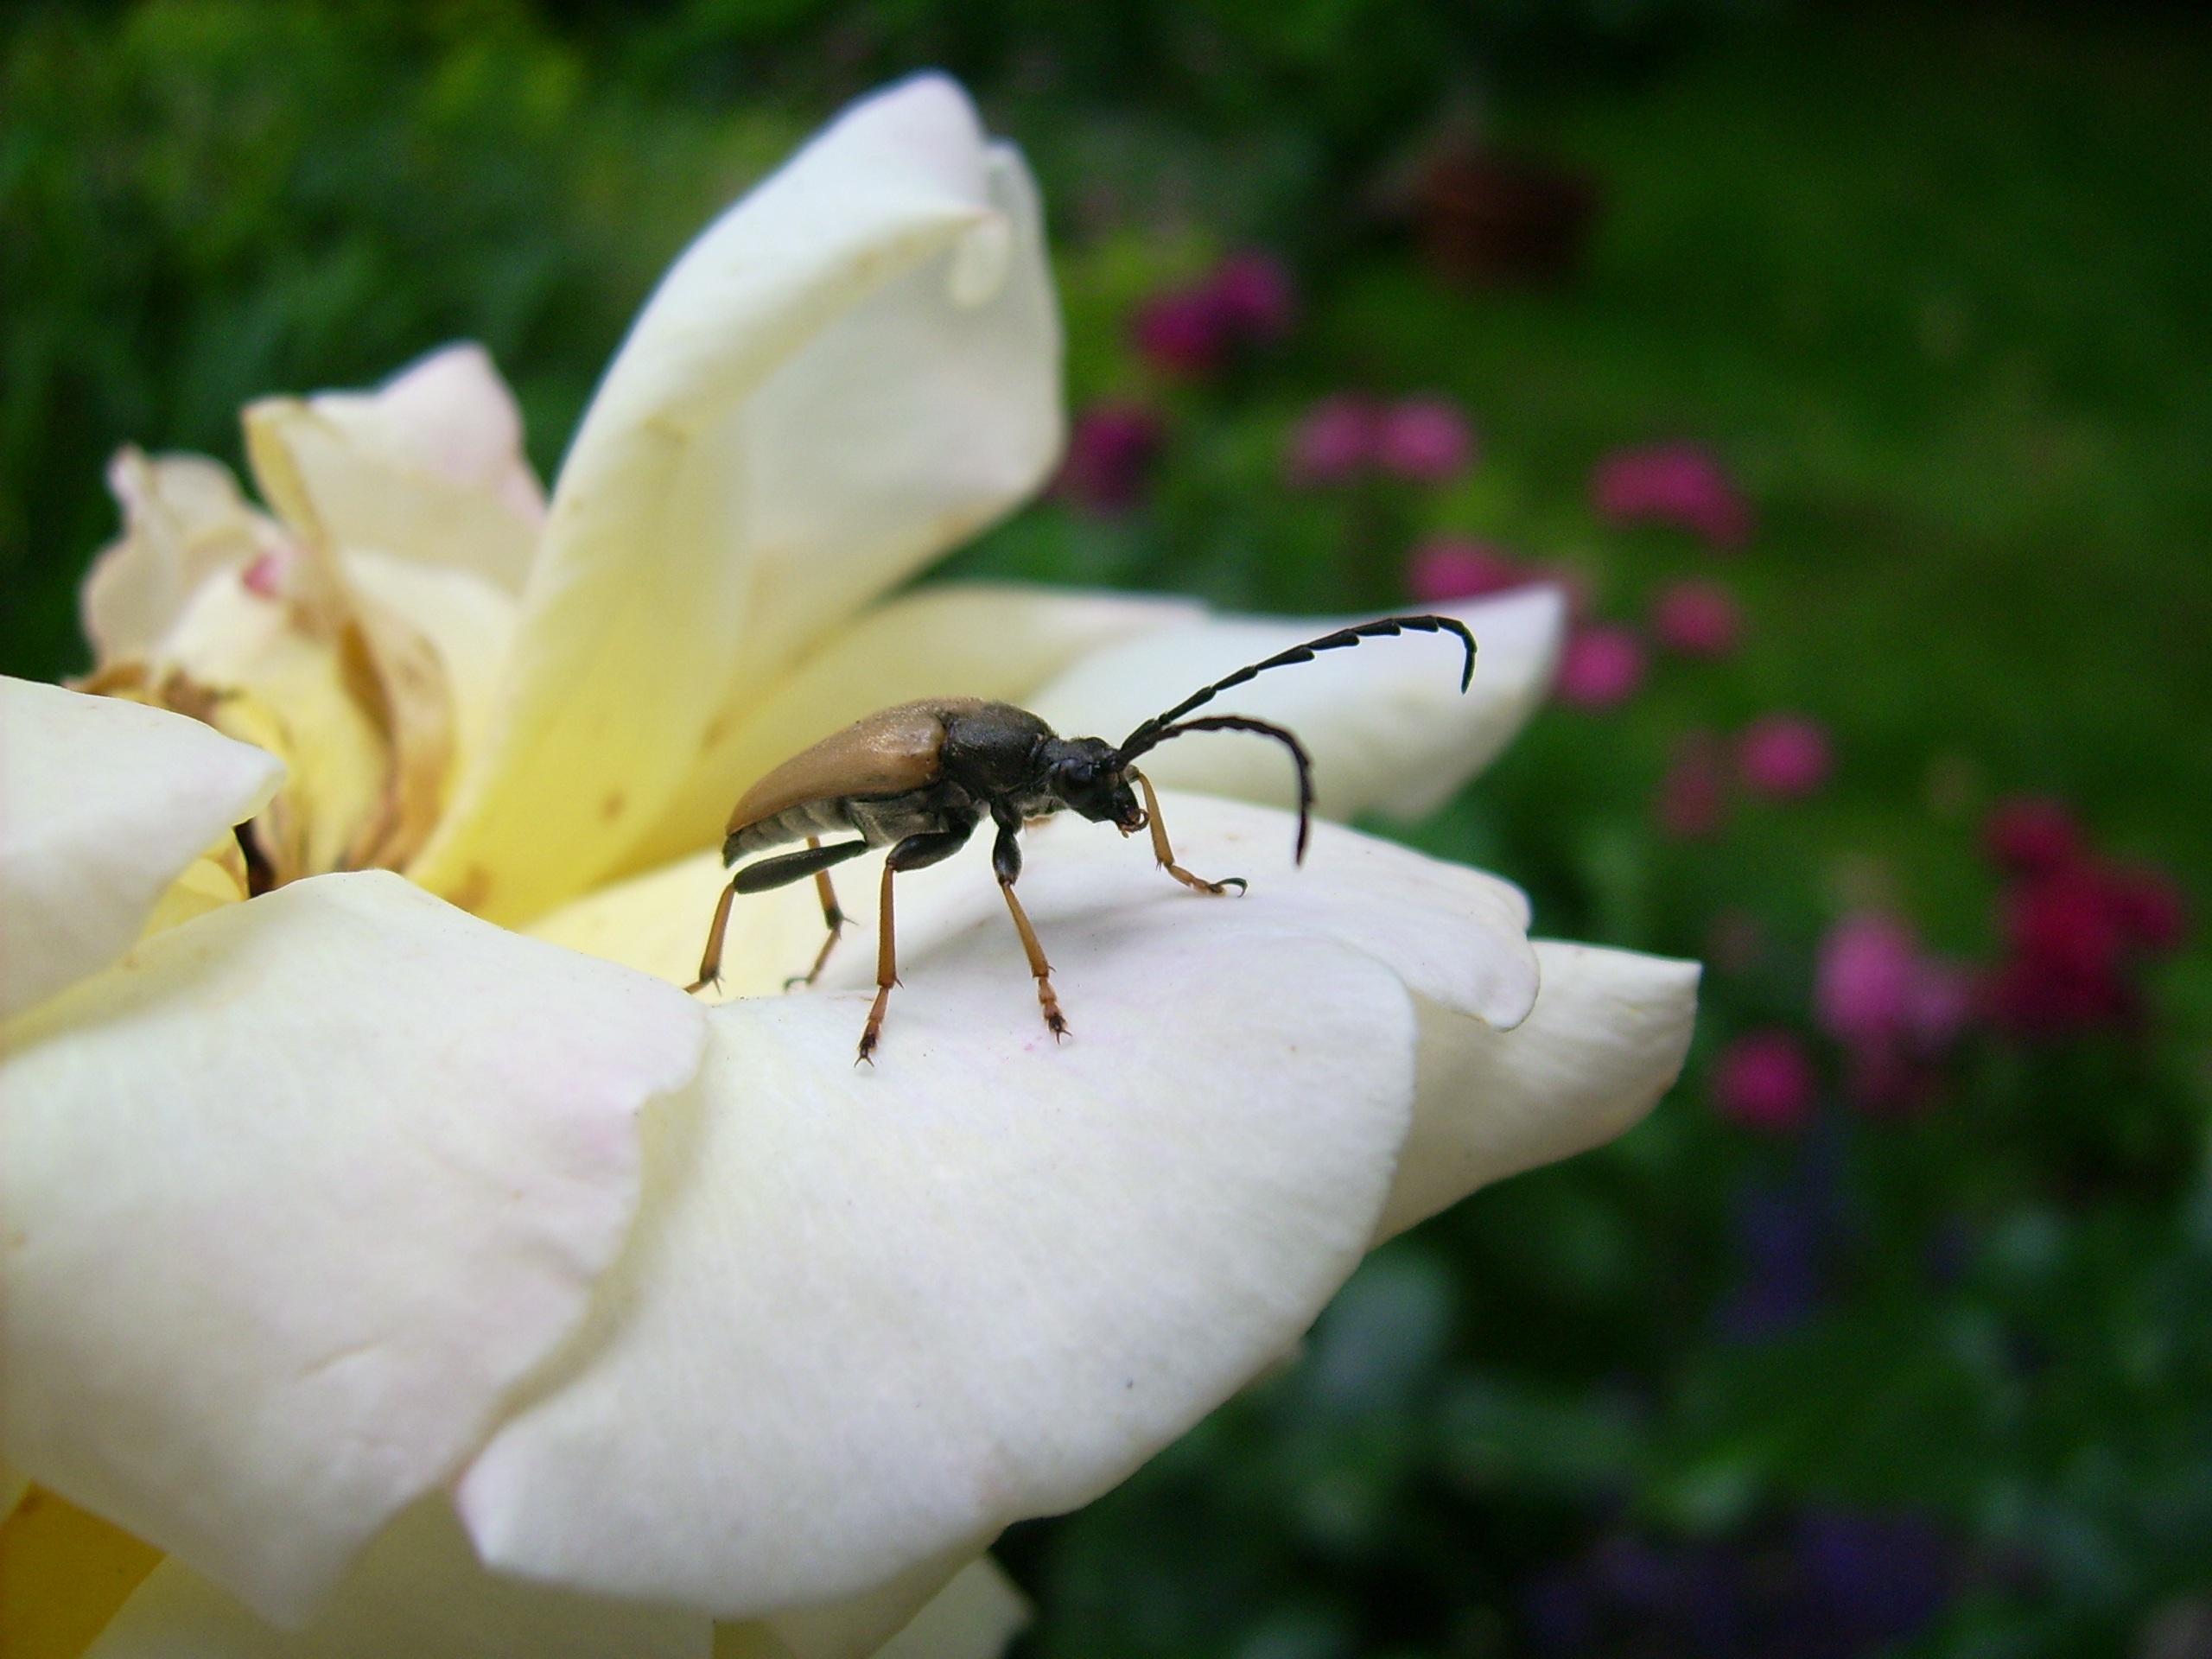 images gratuites : la nature, fleur, plante, la photographie